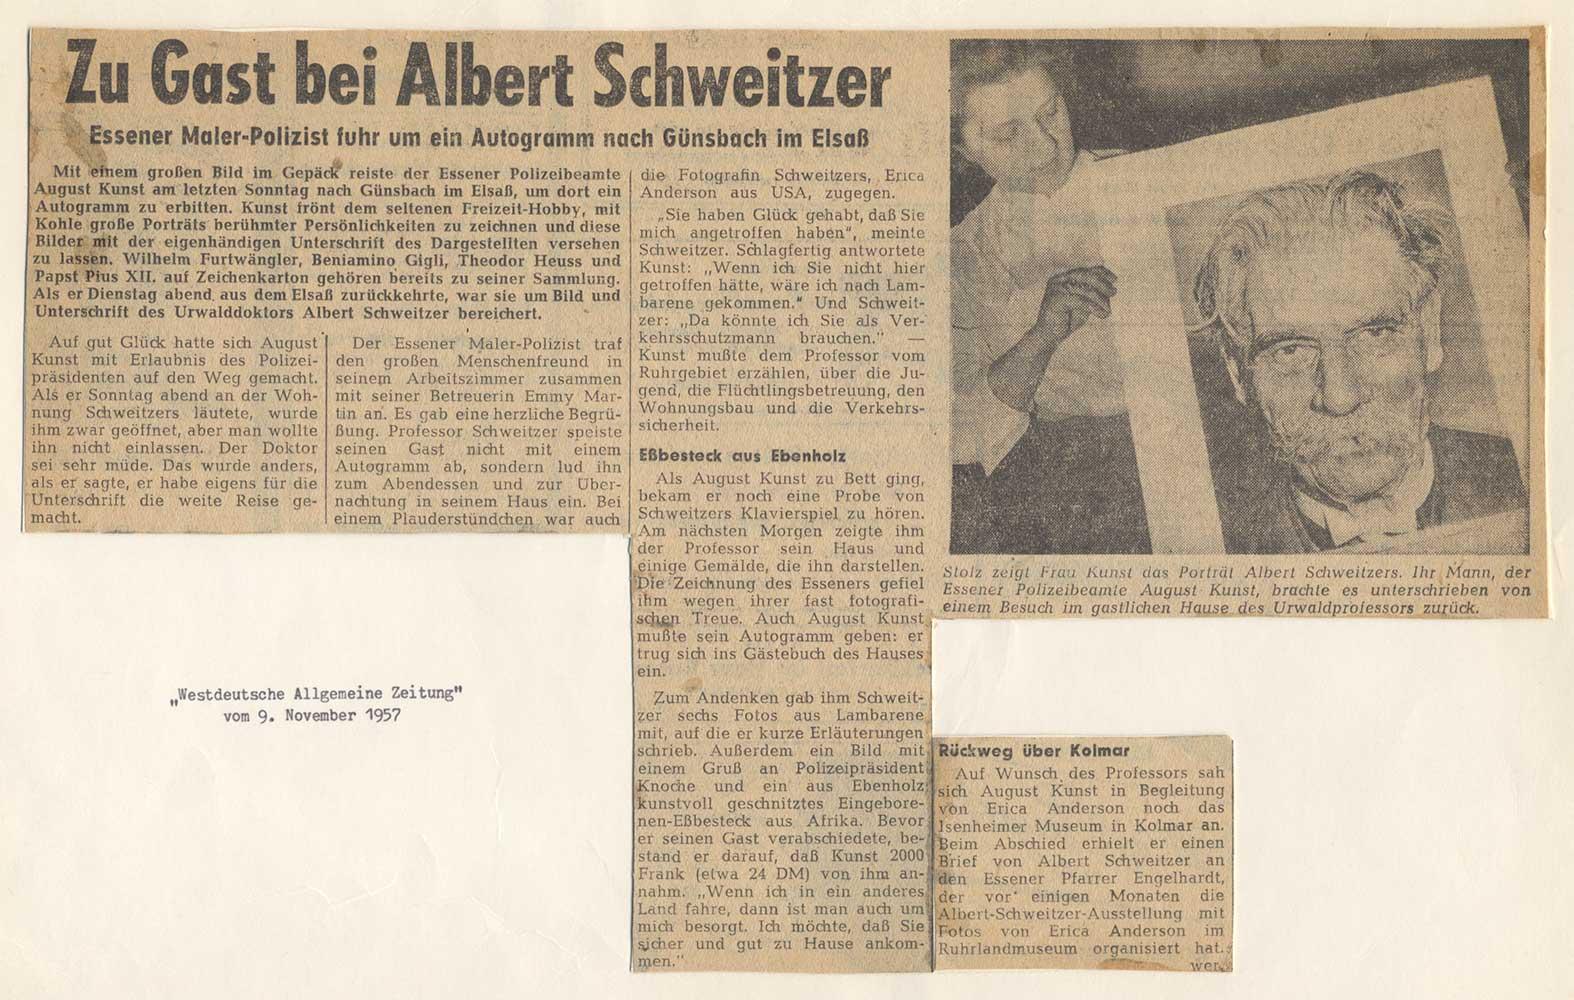 Guest of Albert Schweitzer